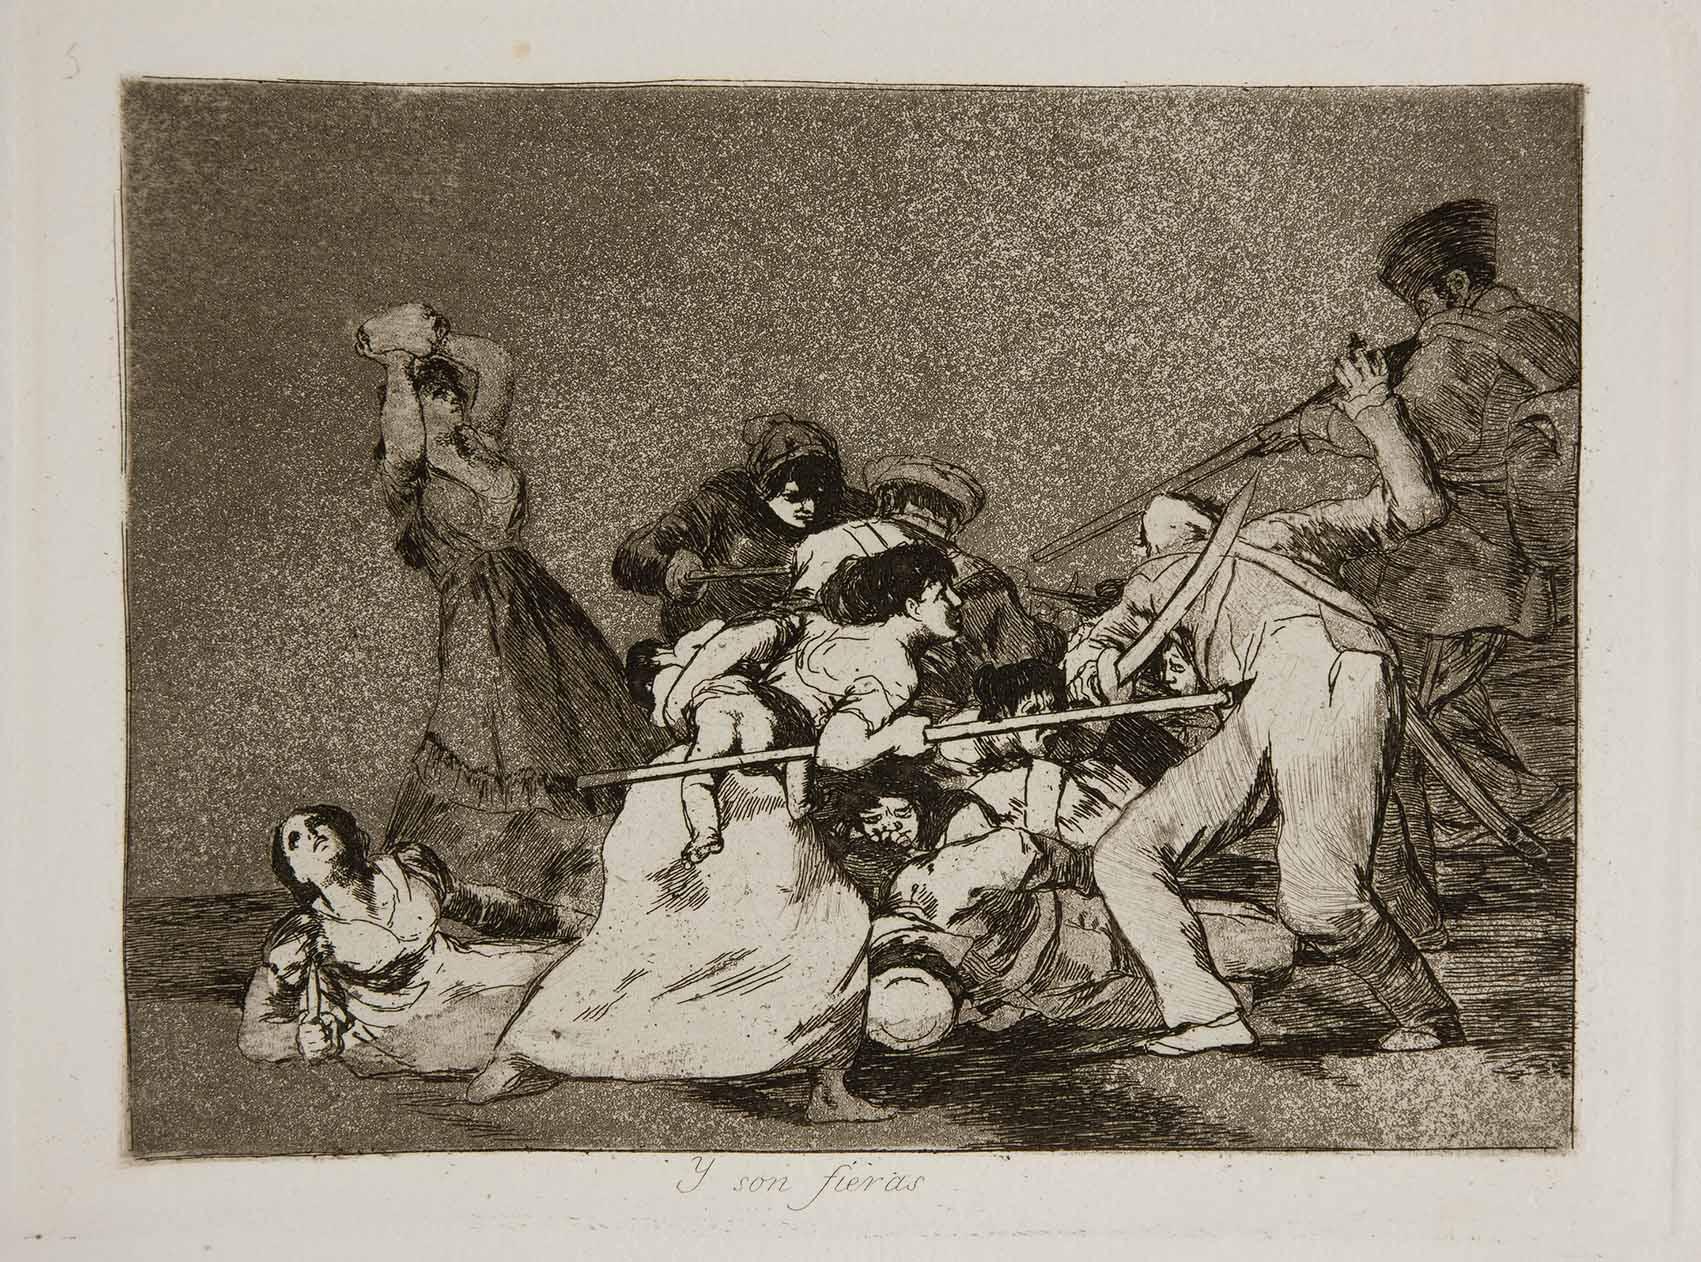 Goya: la angustiosa mirada de un trágico 2 de mayo Artes & contextos Prado Los Desastres de la Guerra No. 05 Y son fieras